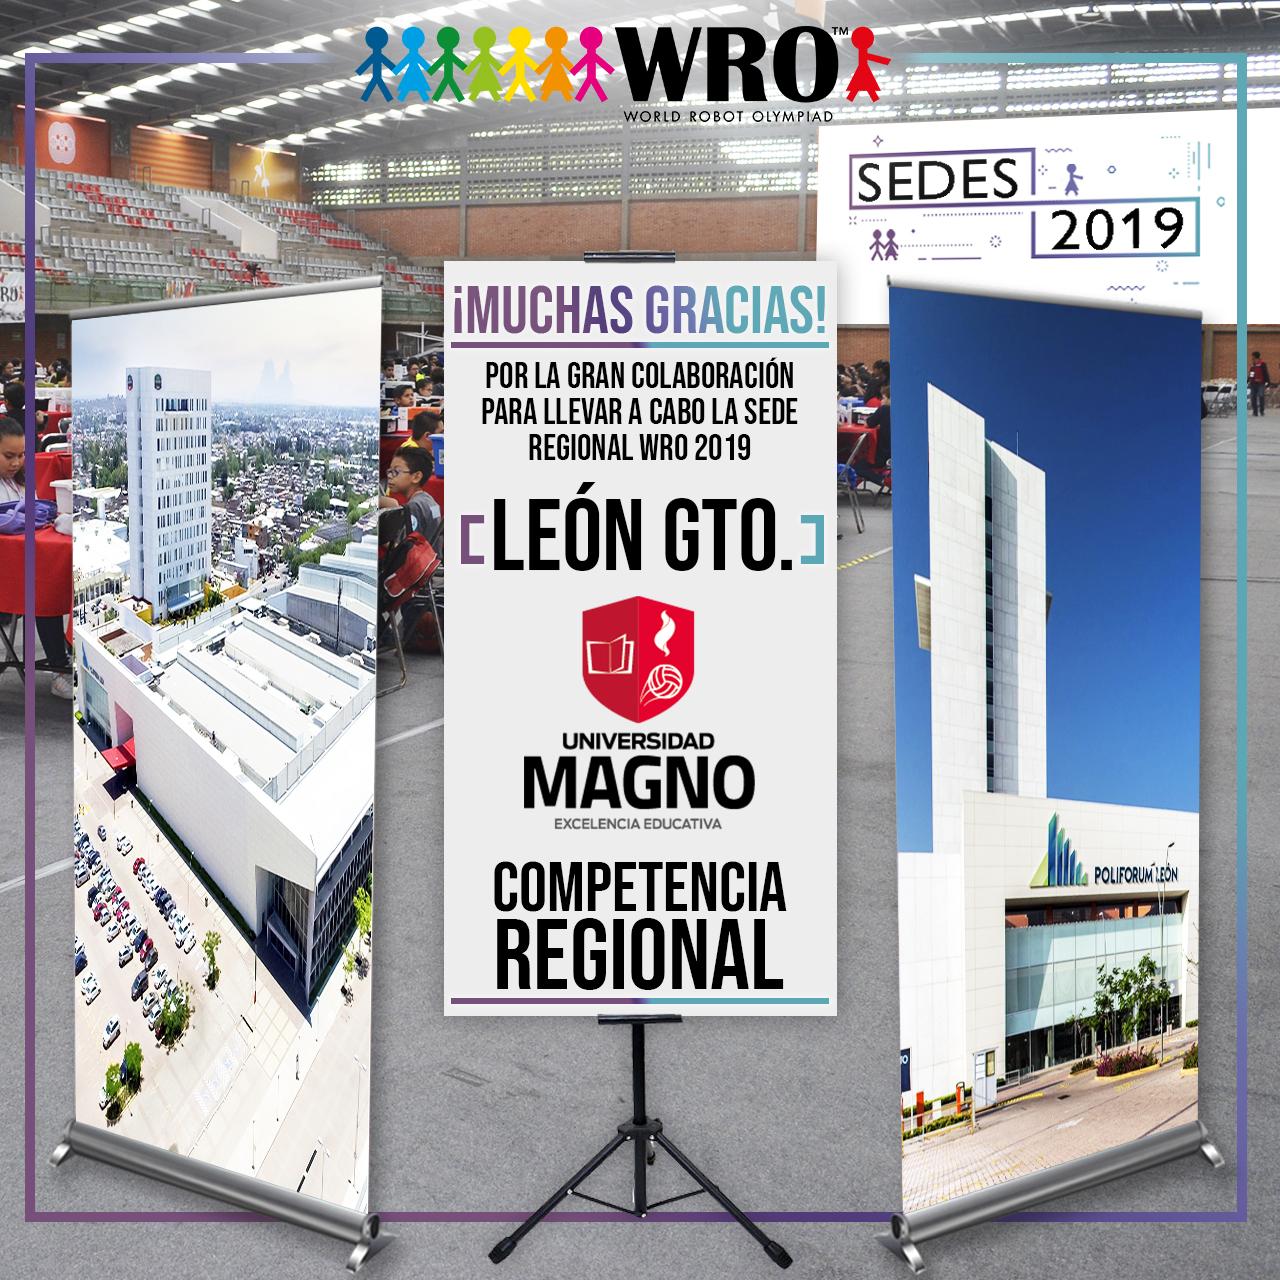 WRO México | Agradecimiento León